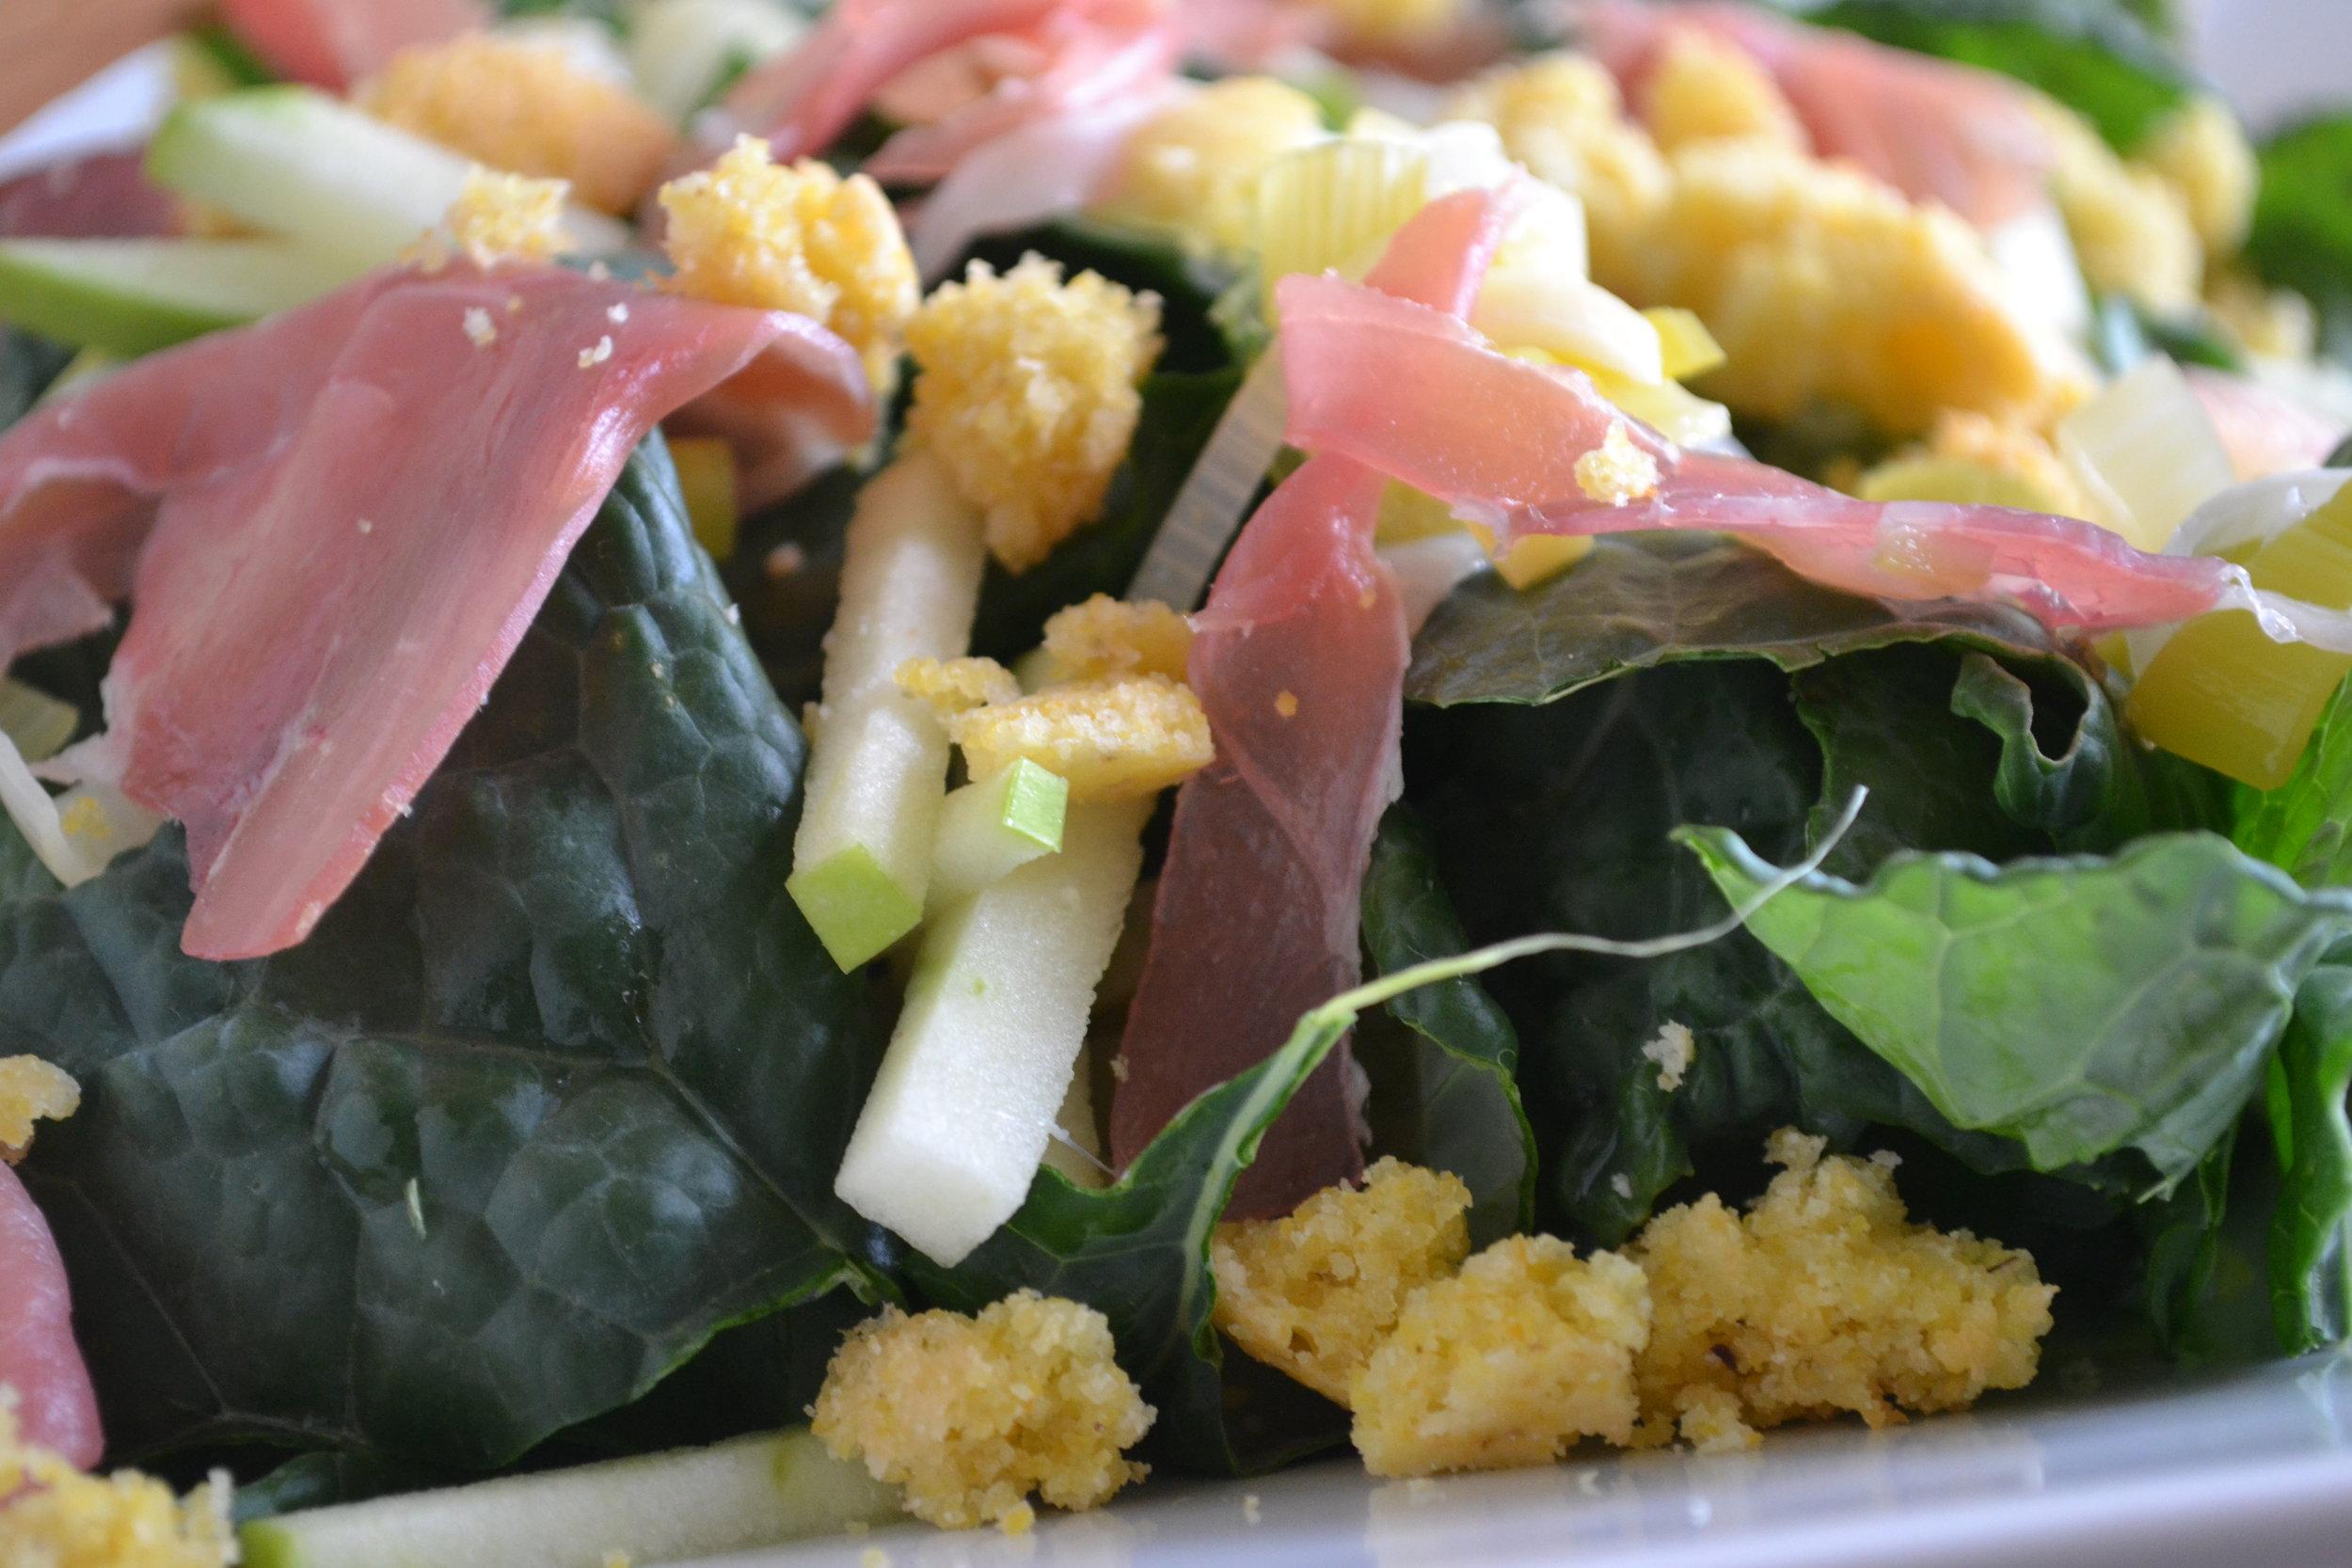 kale cornbread salad up close